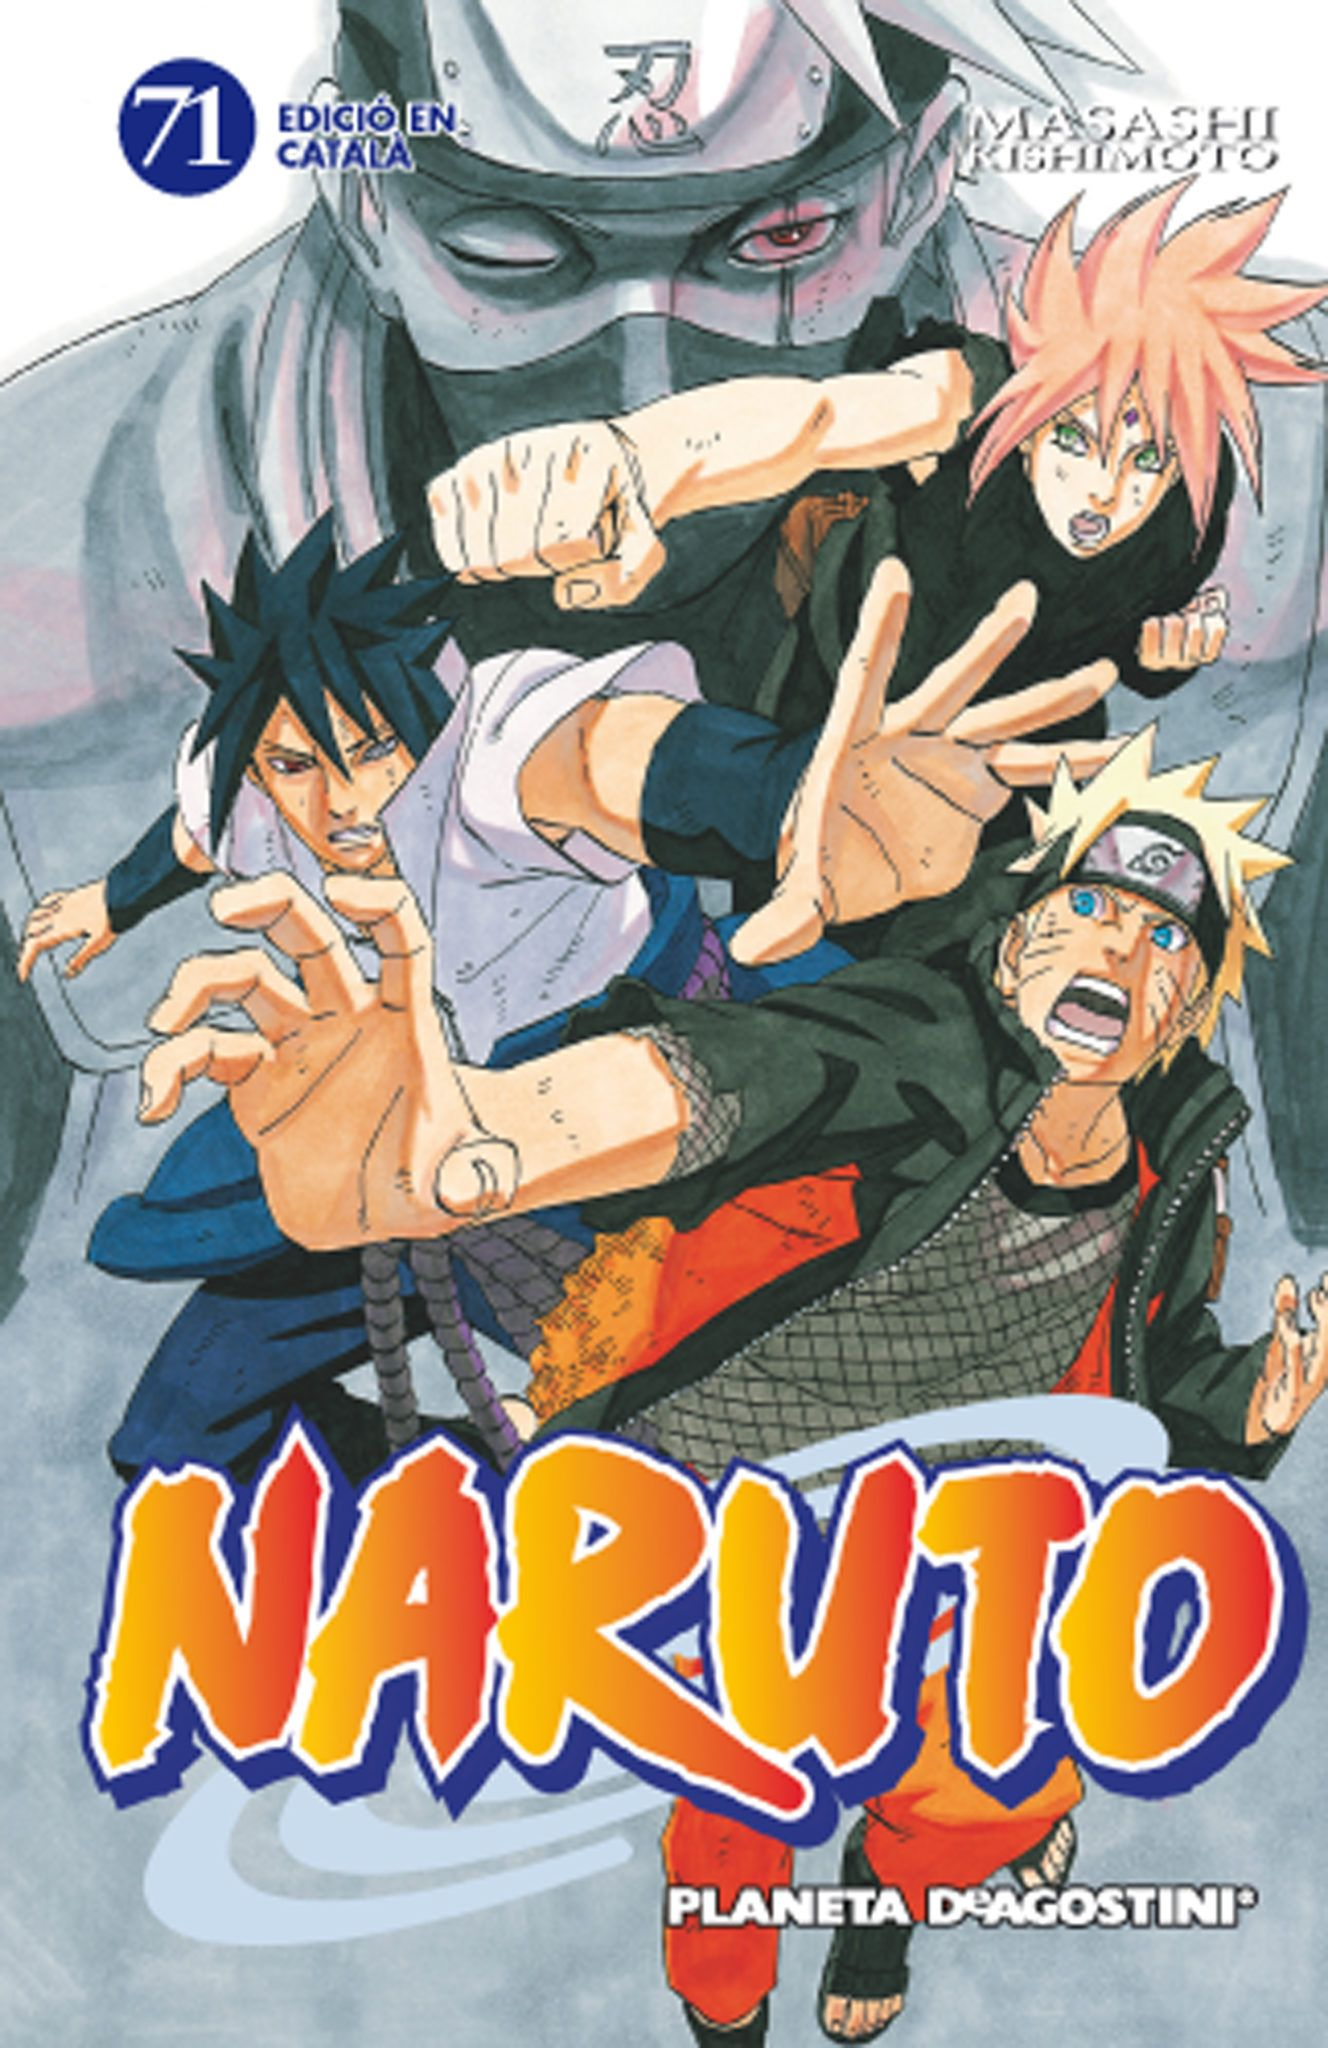 Naruto Català #71